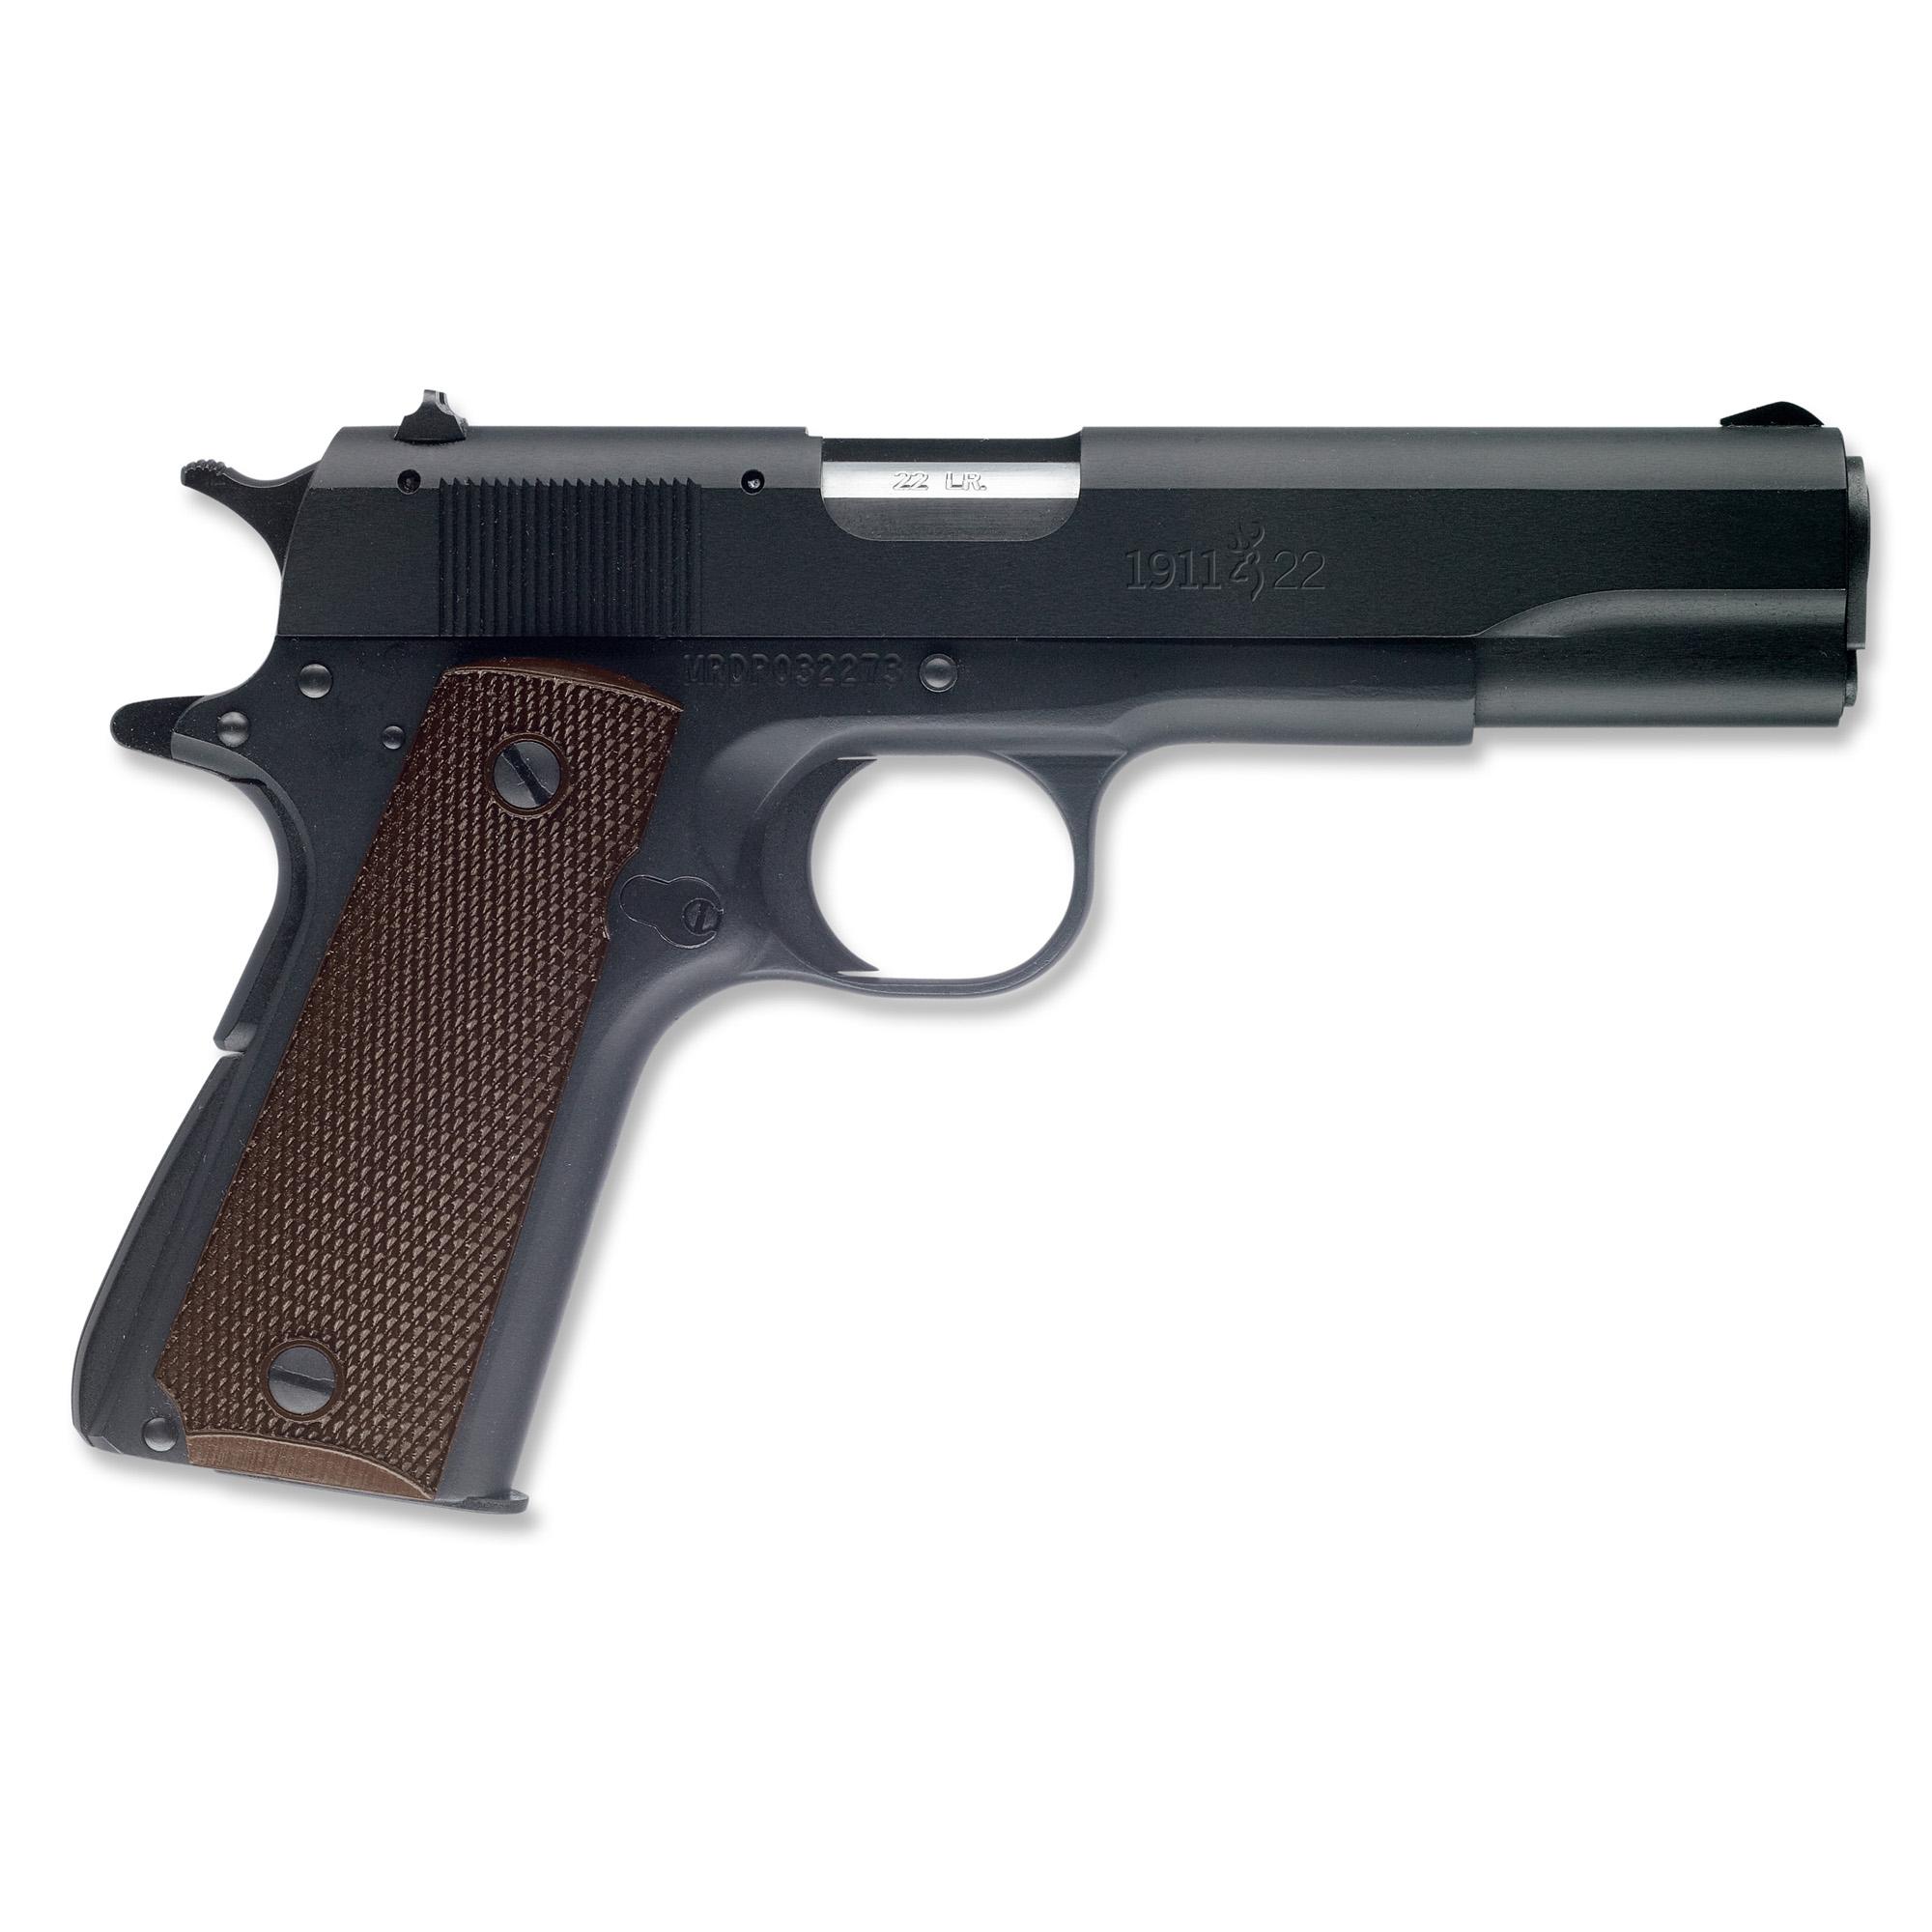 Browning 1911-22 A1 Handgun